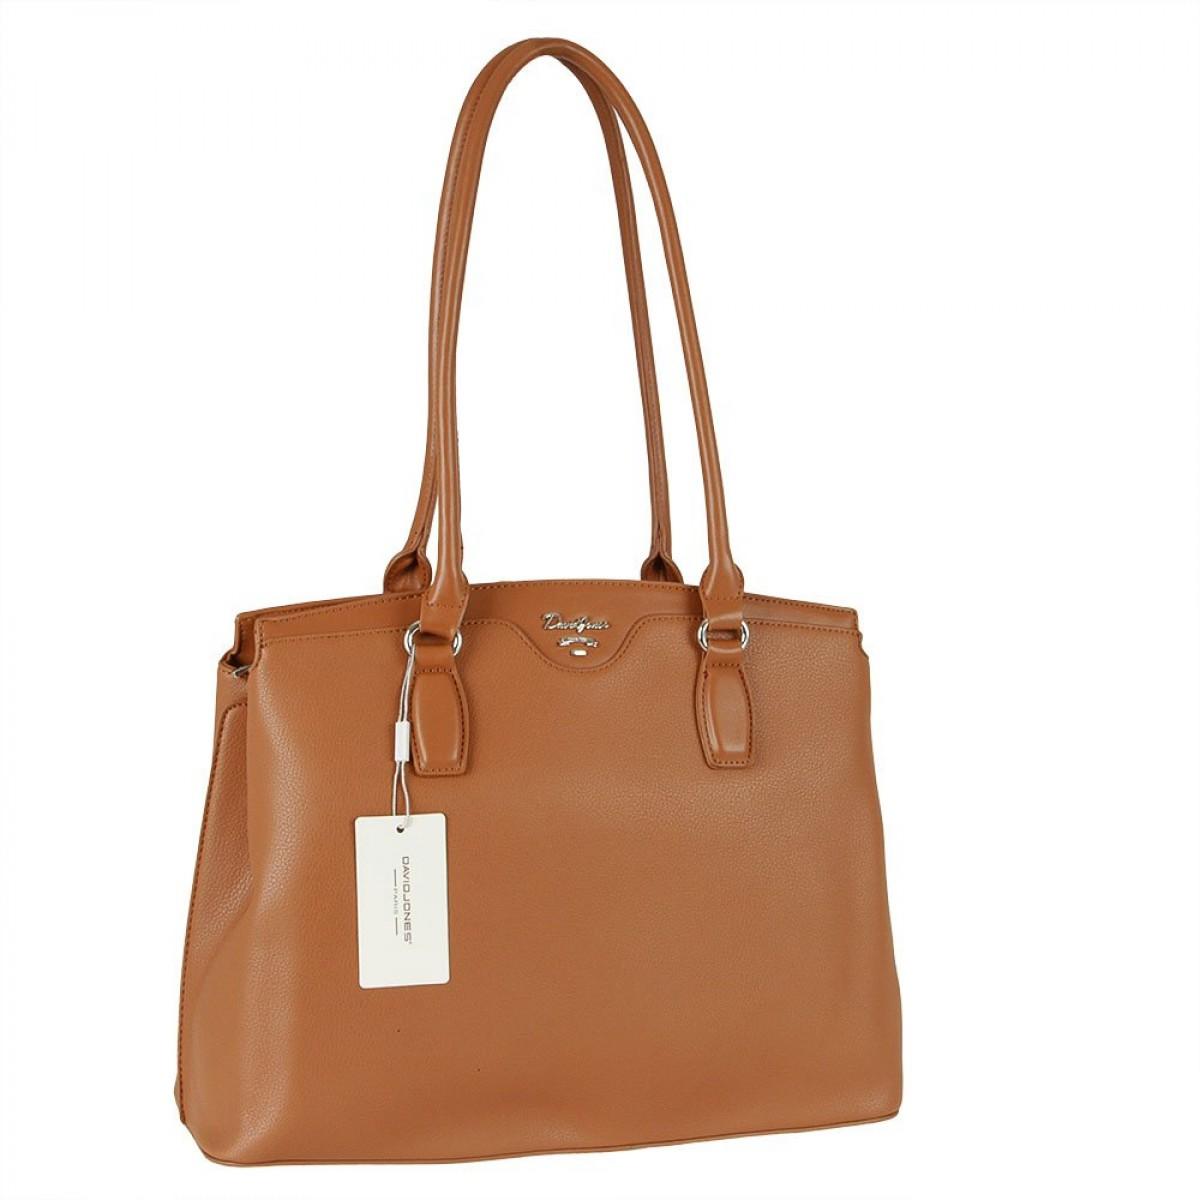 Жіноча сумка David Jones 6416-2 COGNAC